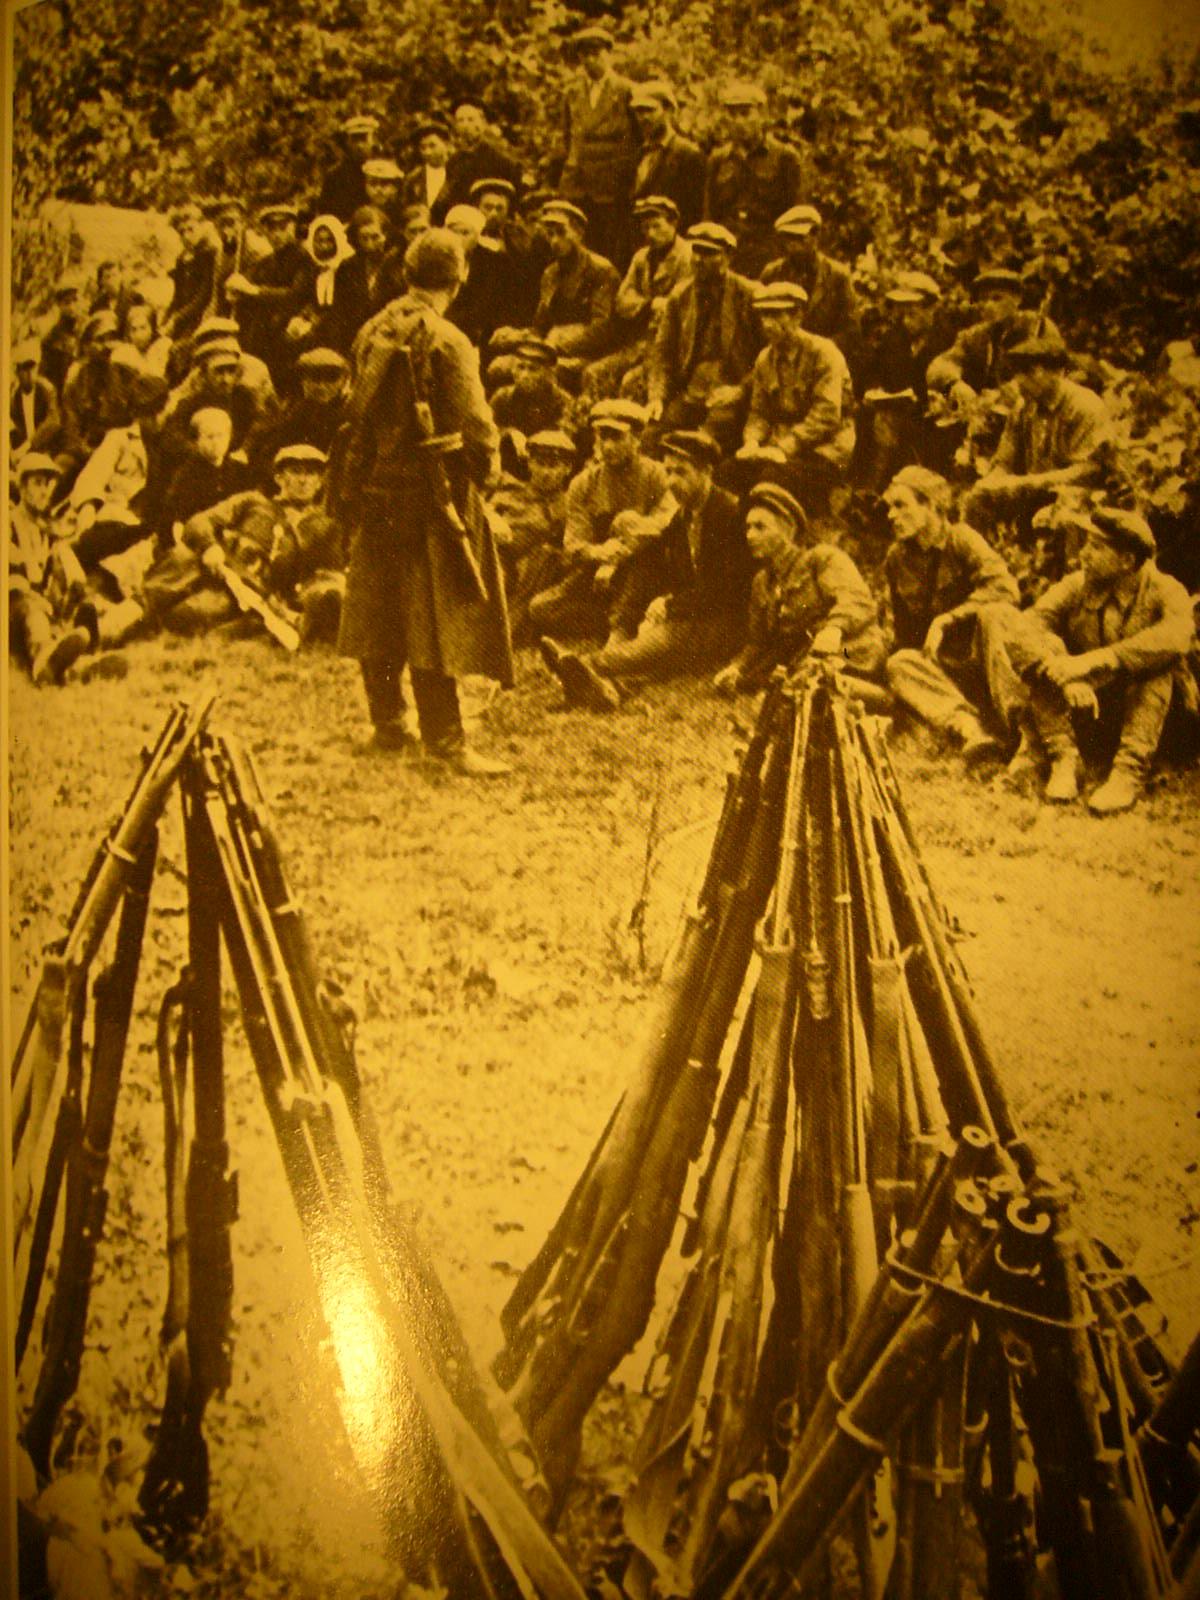 Fotografias increibles de la Segunda Guerra Mundial 4146128p1090921